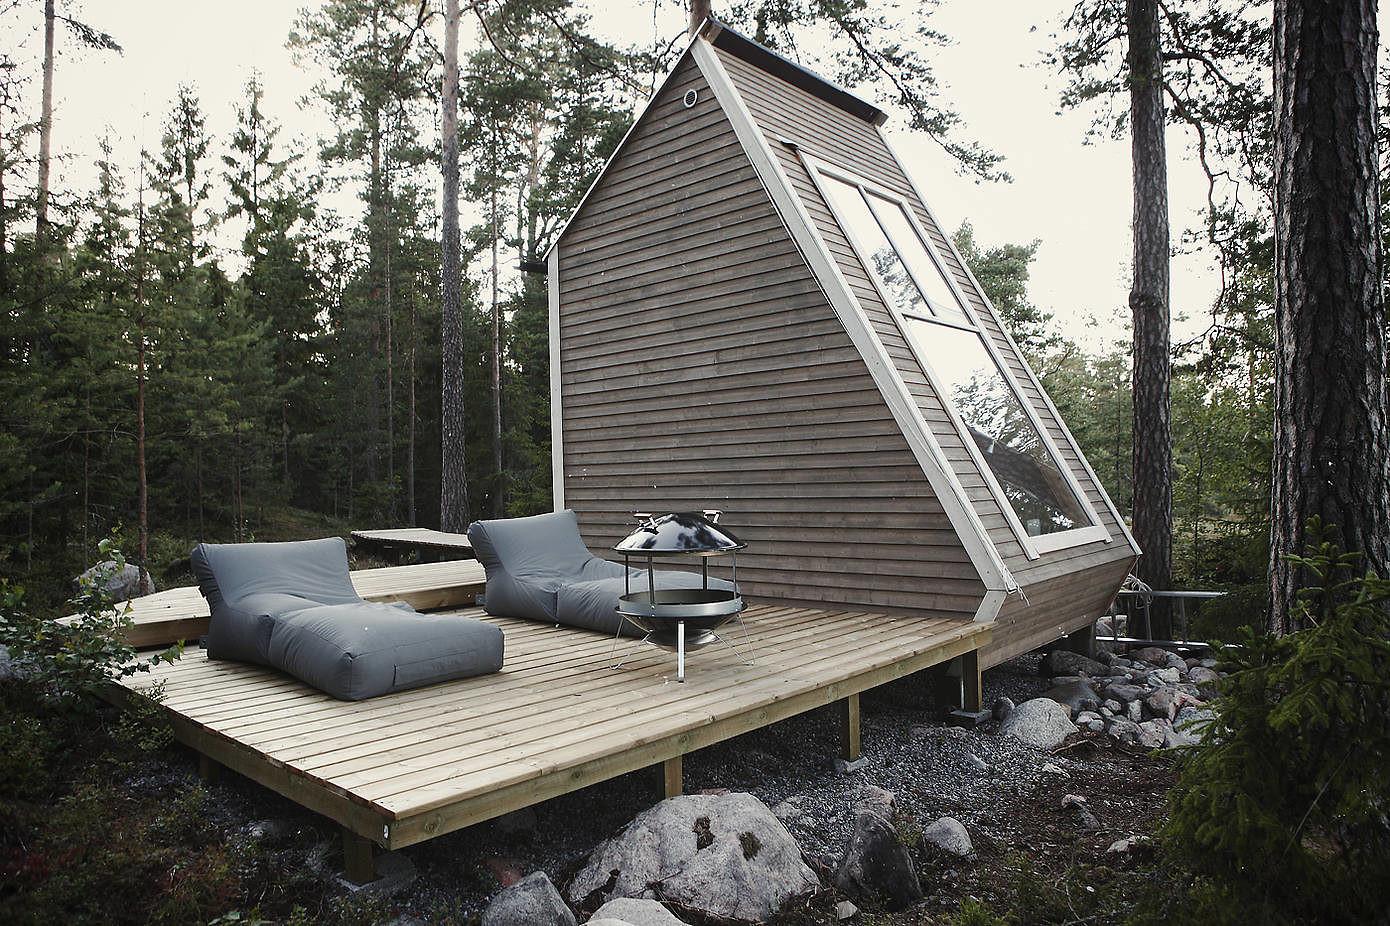 Nido Cabin by Mr. Falck Studio